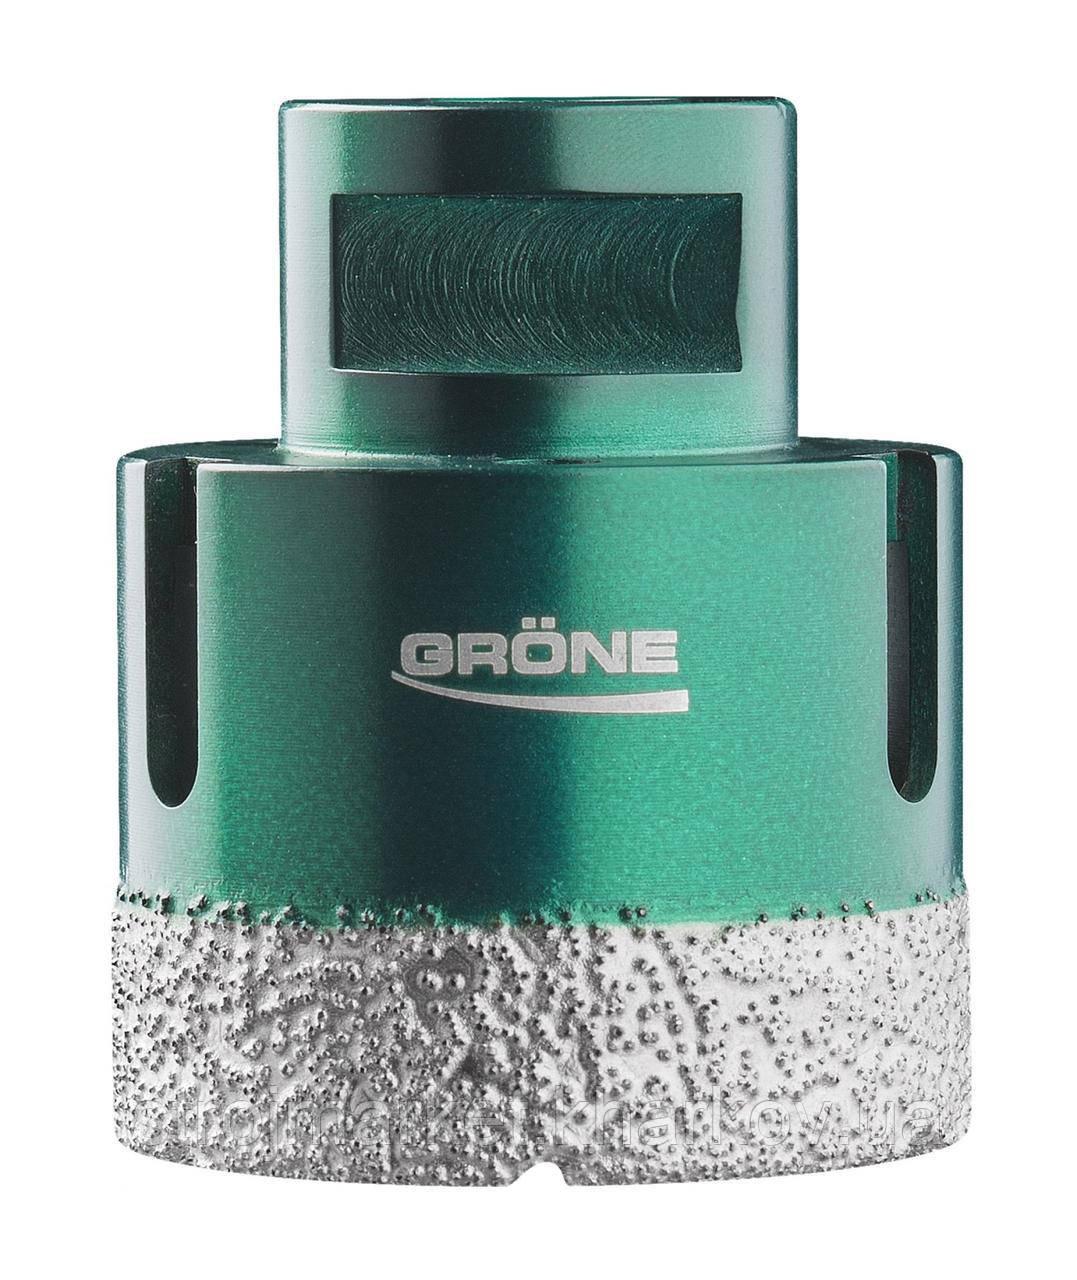 Алмазная коронка вакуумного спекания 10 мм Grone (М14) УШМ